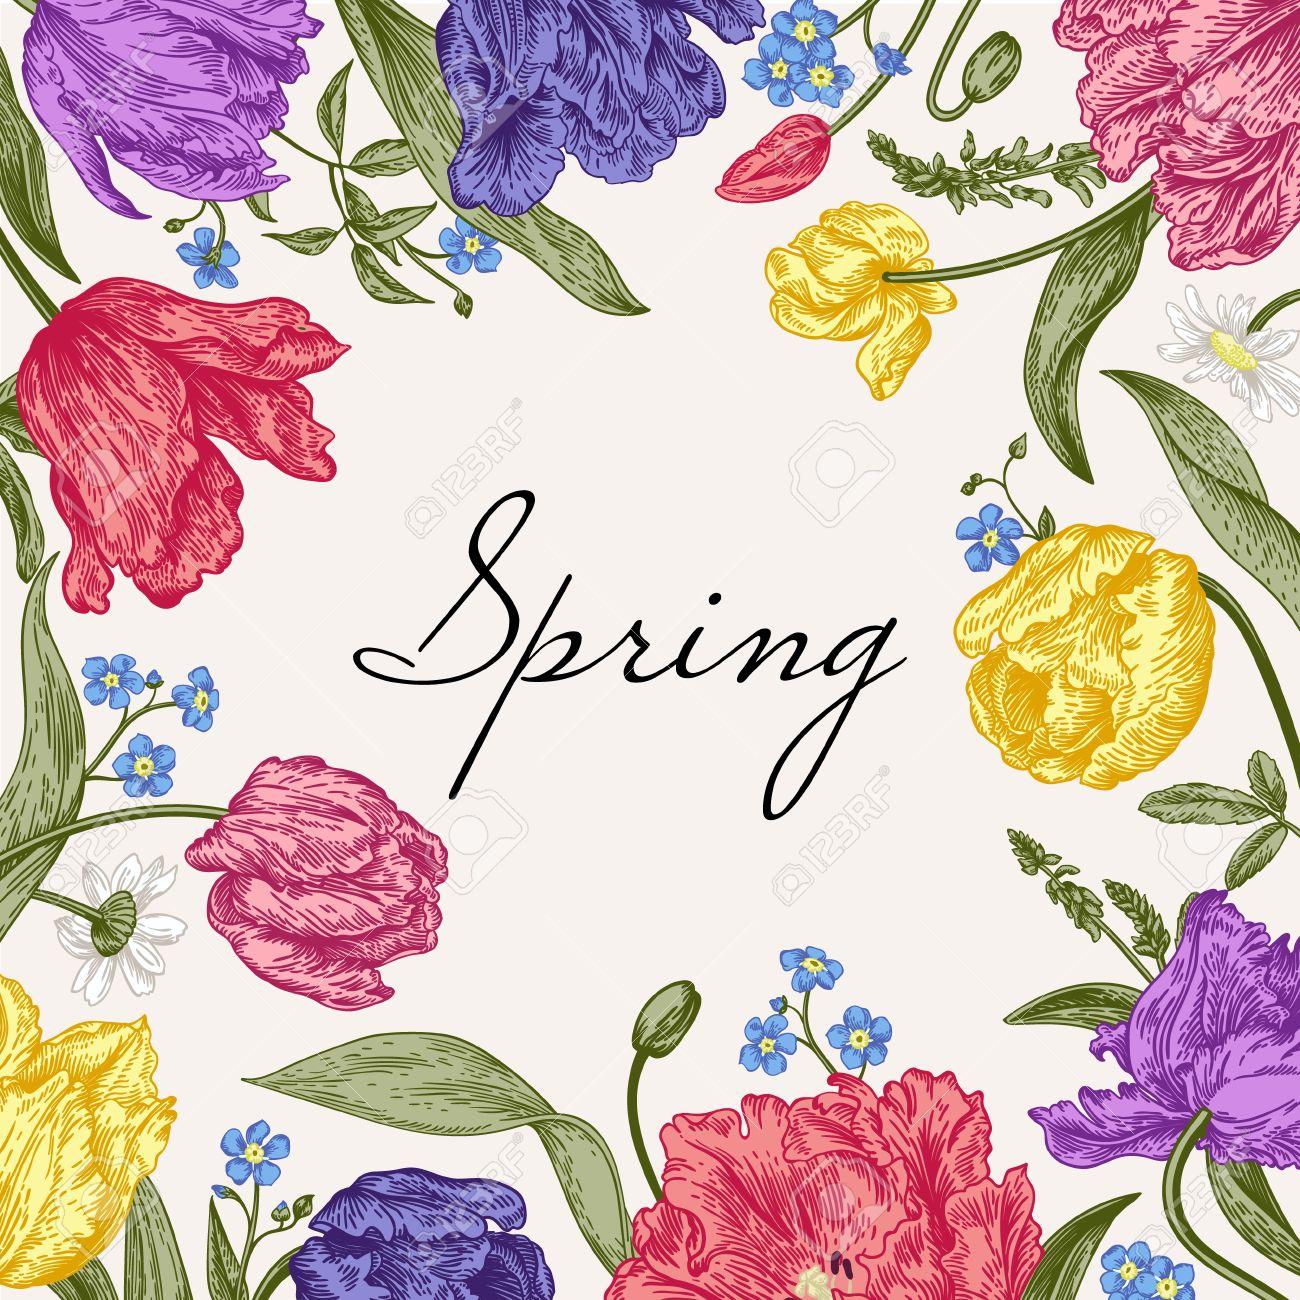 Vector Rahmen Mit Frühlingsblumen. Papageientulpen, Mich Nichtse ...